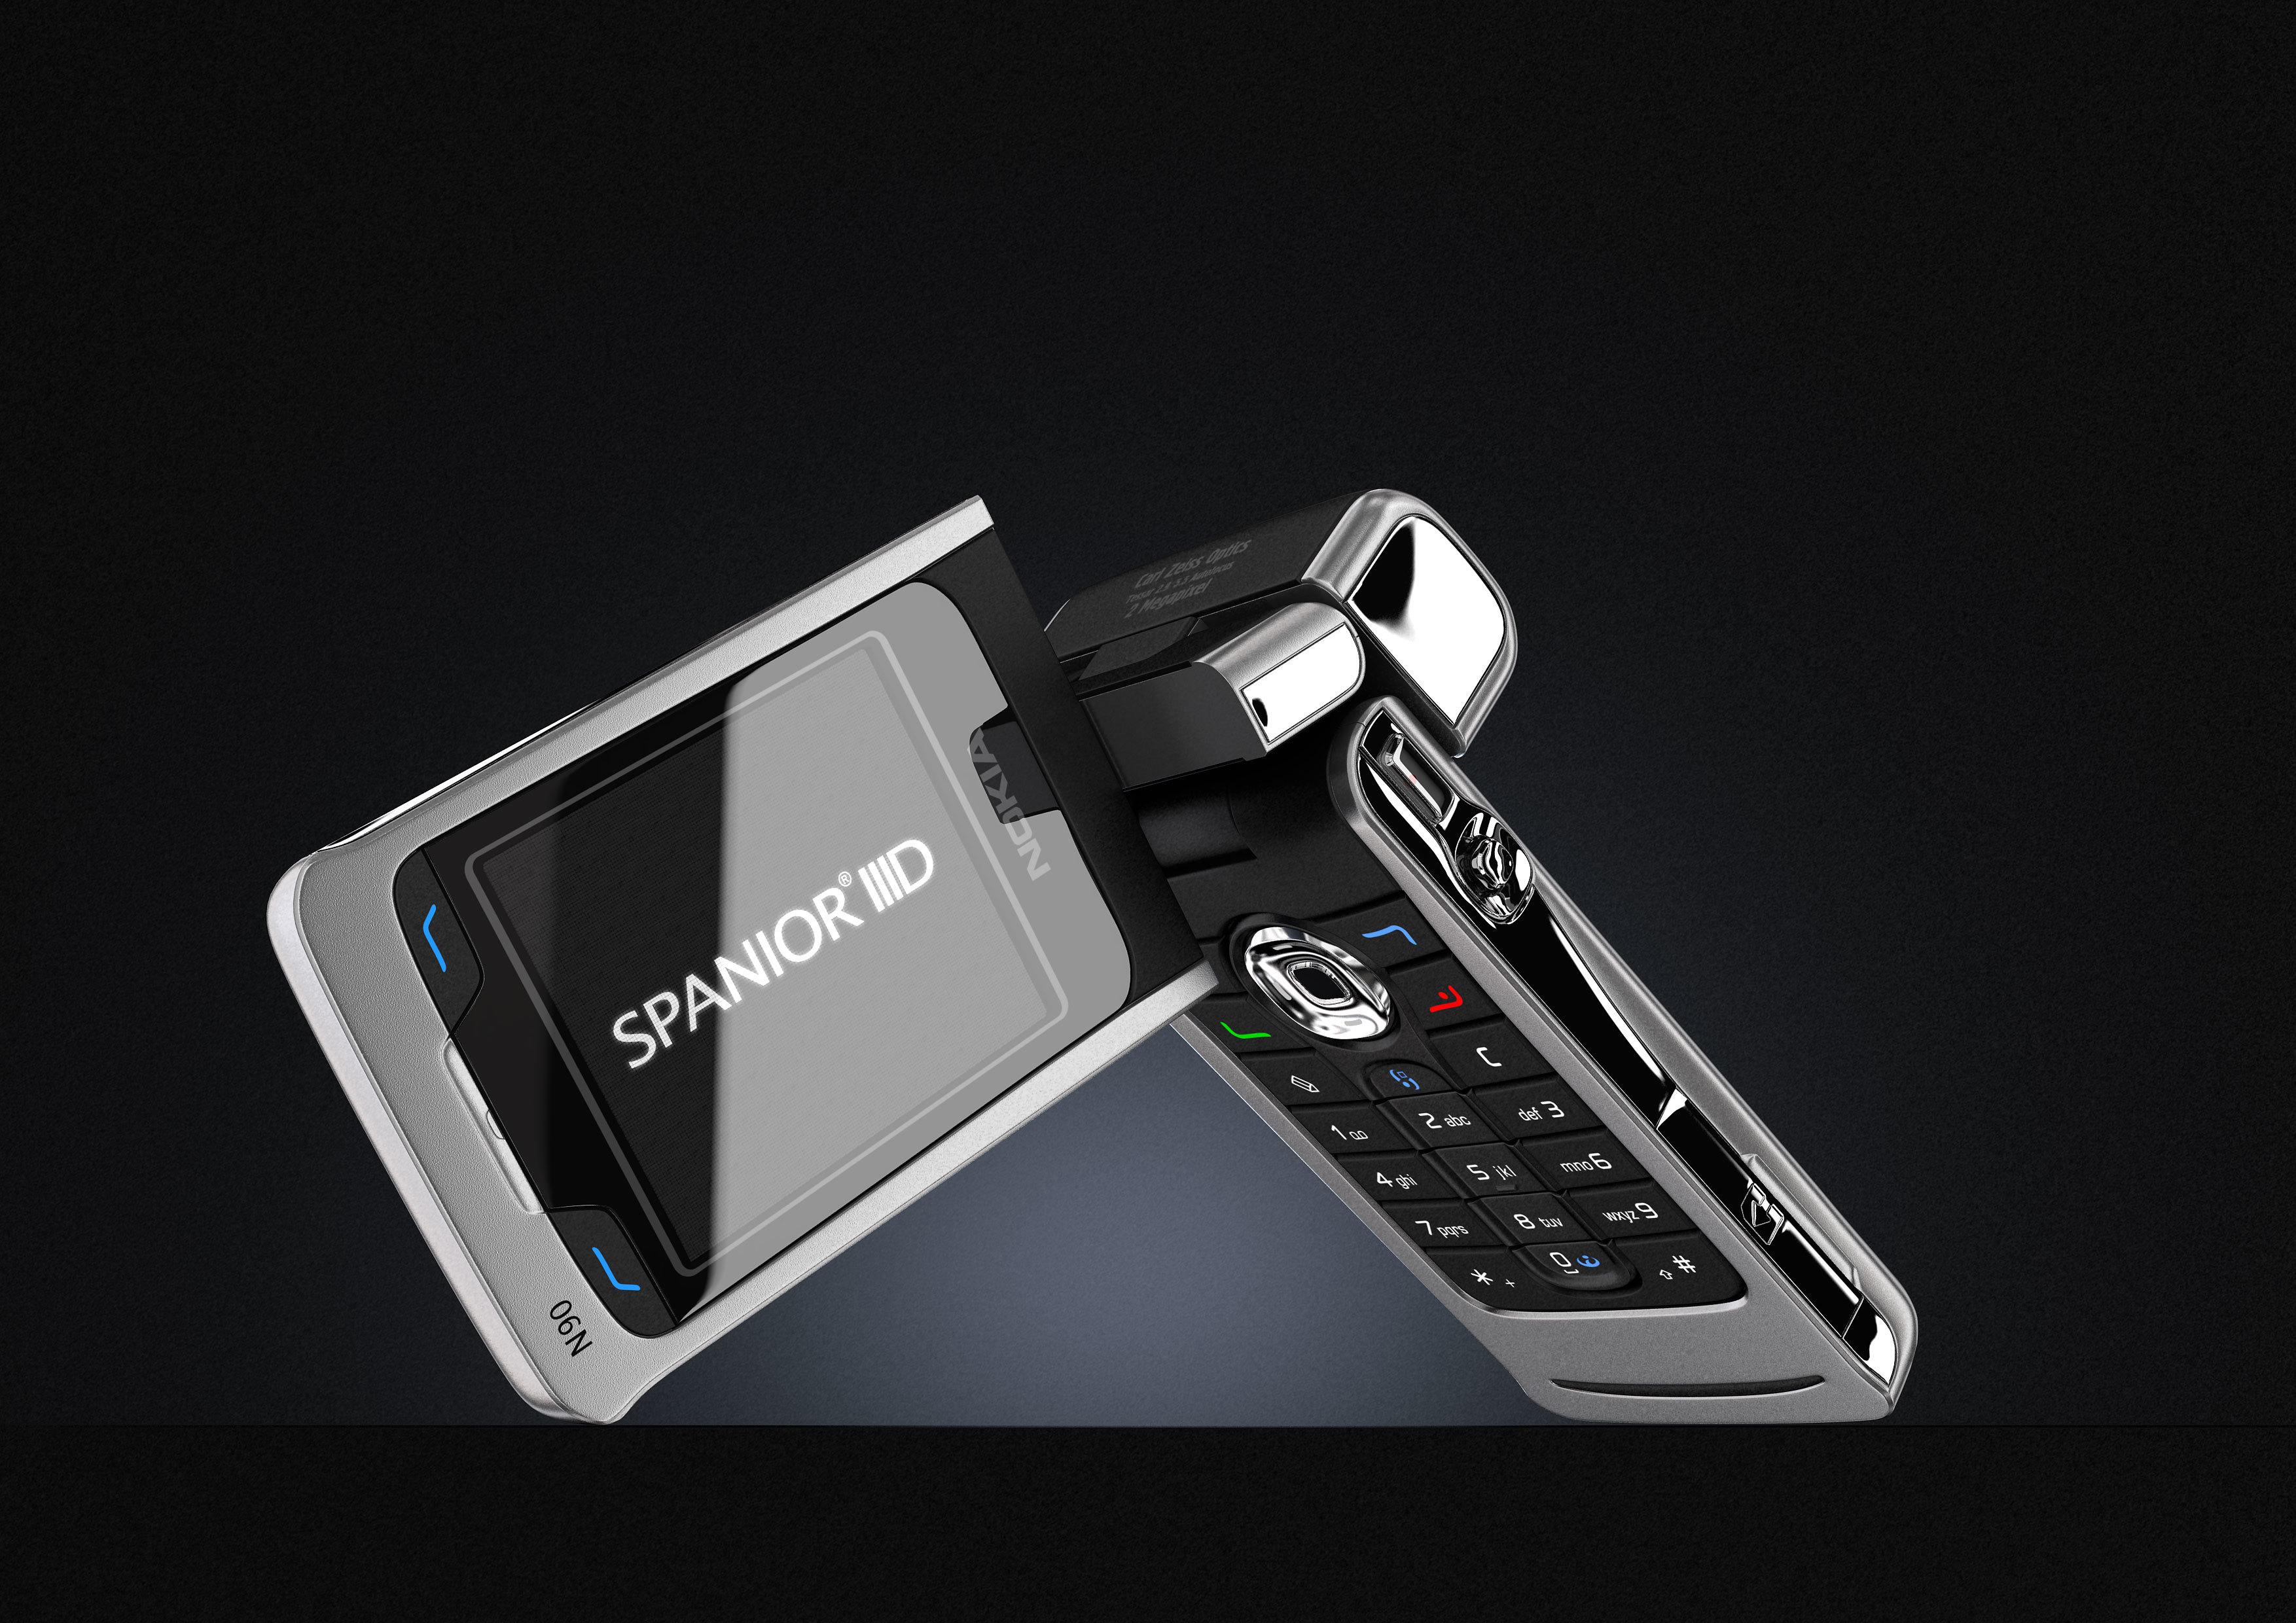 обои symbian: